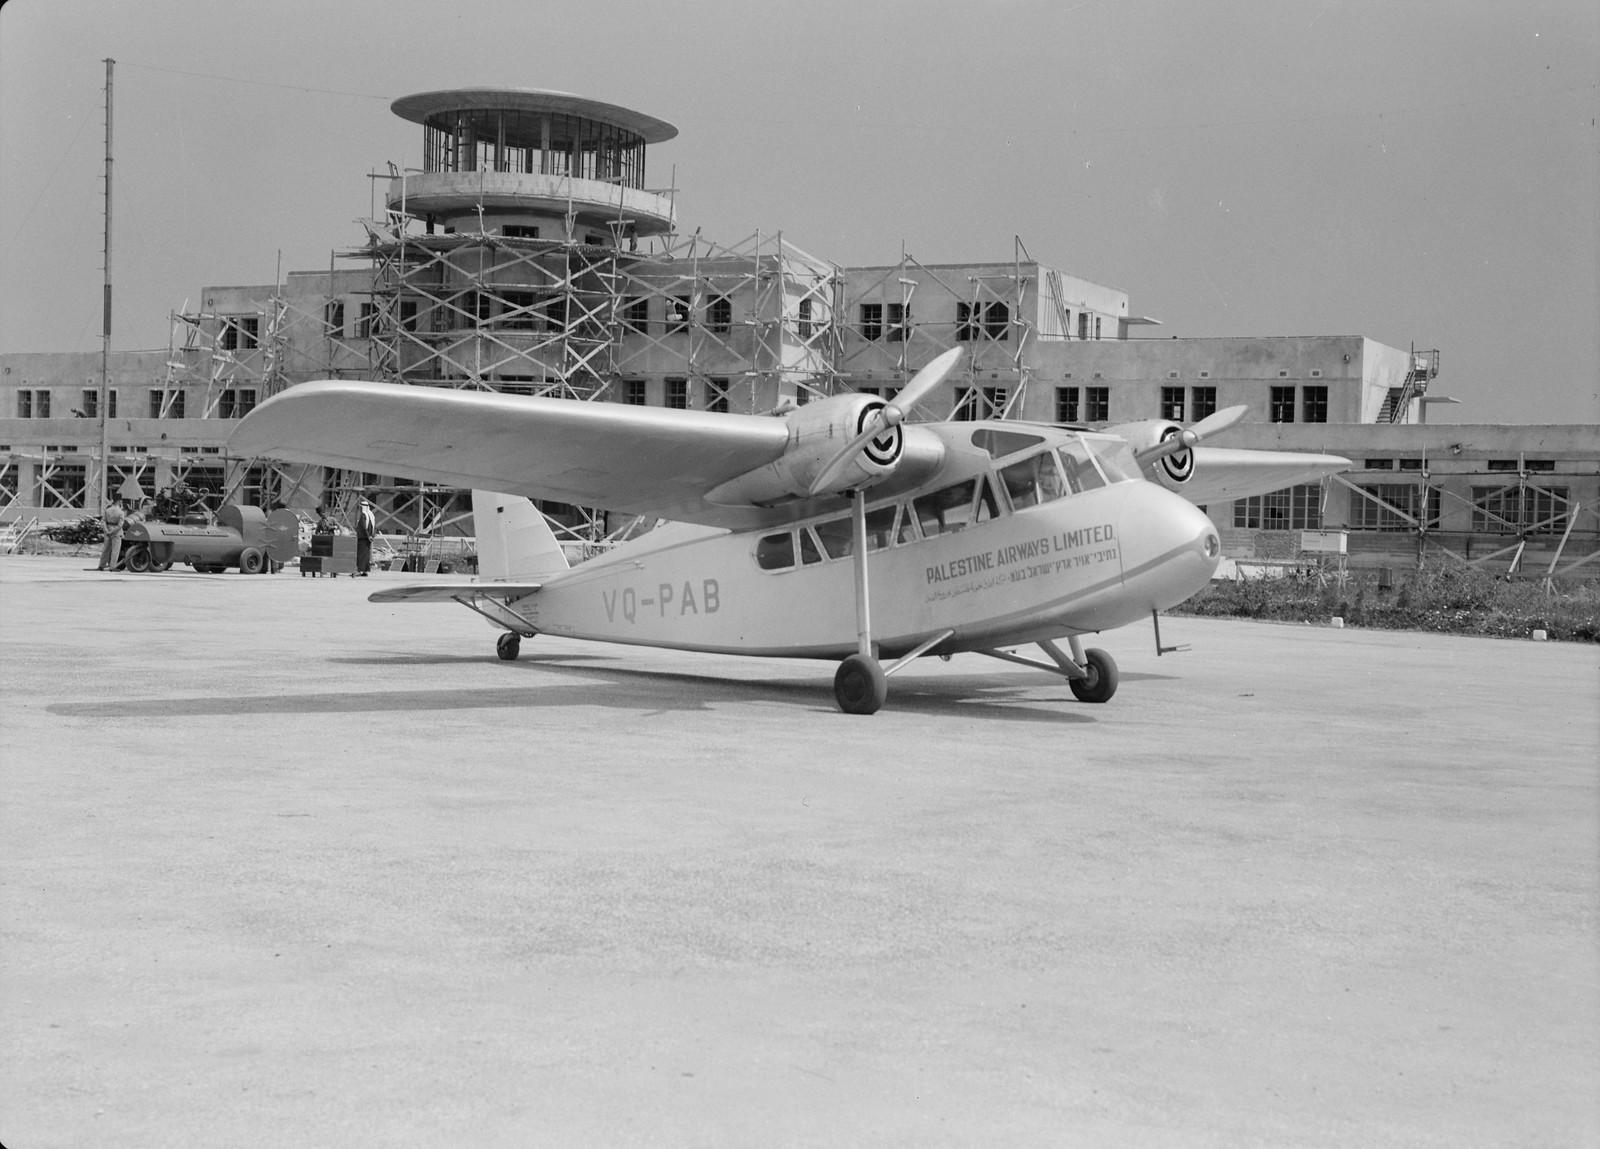 02. Самолет «Палестинских авиалиний» перед зданием аэропорта